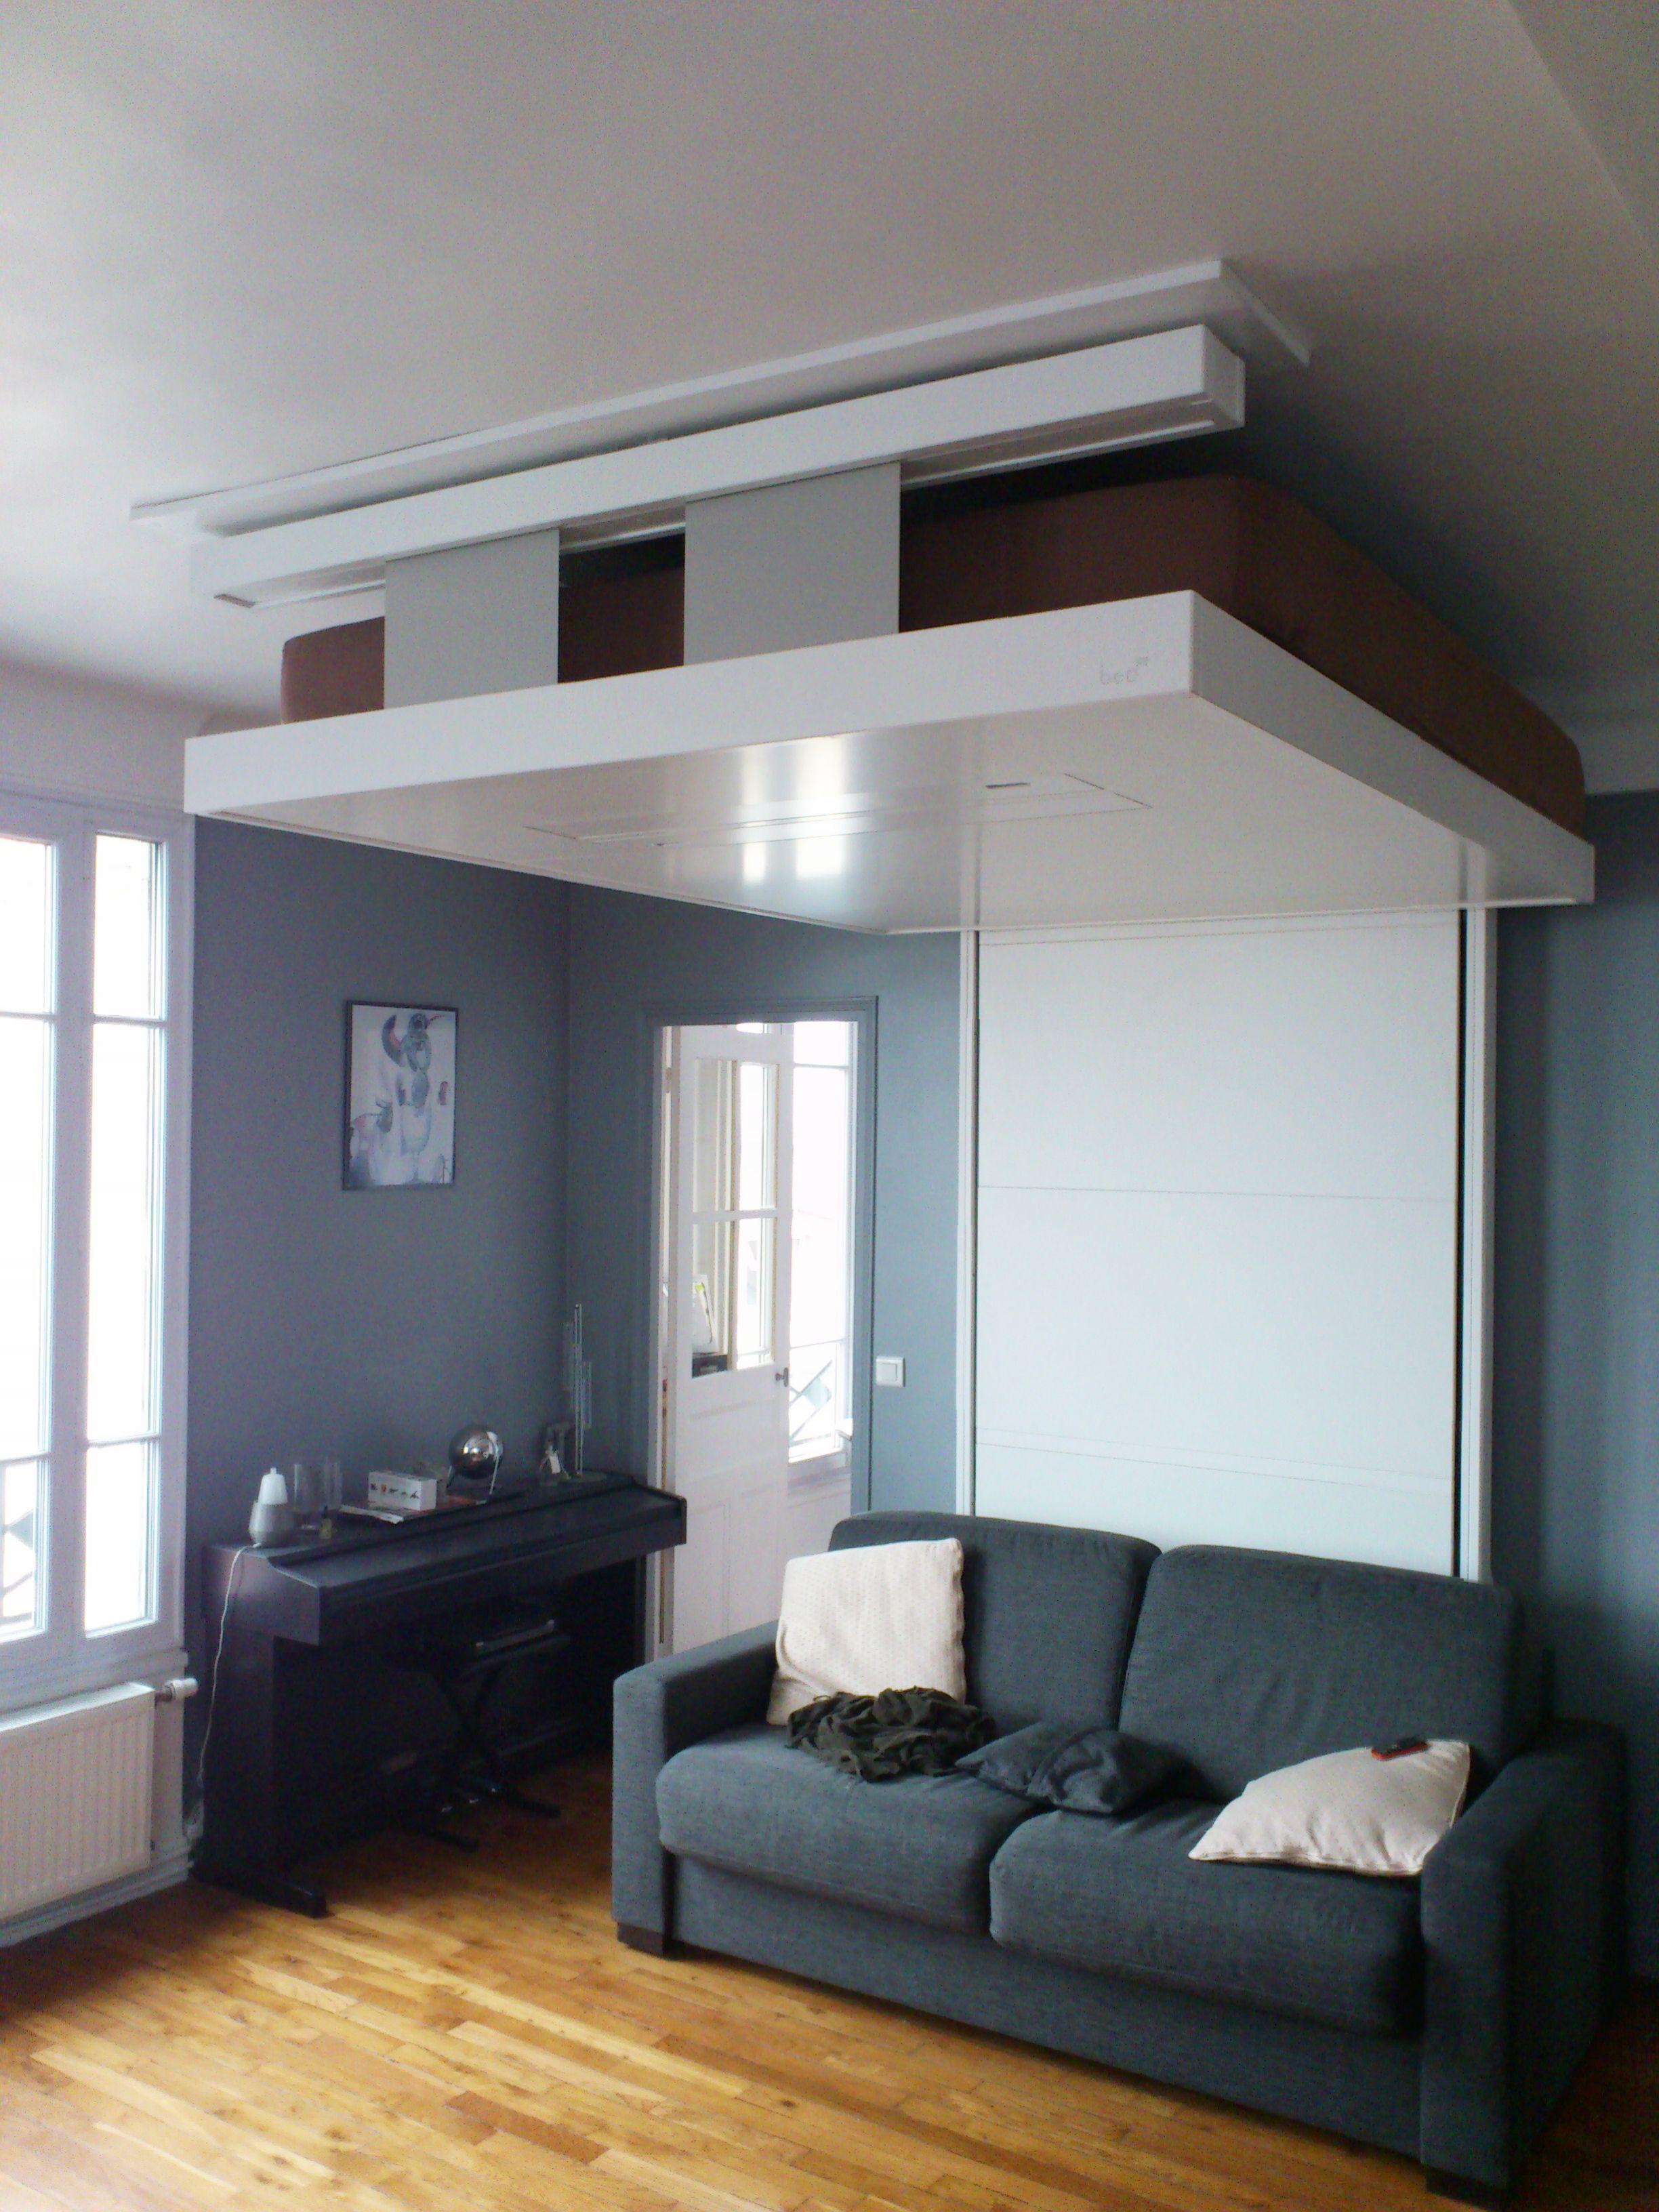 bedup by d cadrages bed up or murphy beds pinterest lit escamotable bleu canard et lits. Black Bedroom Furniture Sets. Home Design Ideas